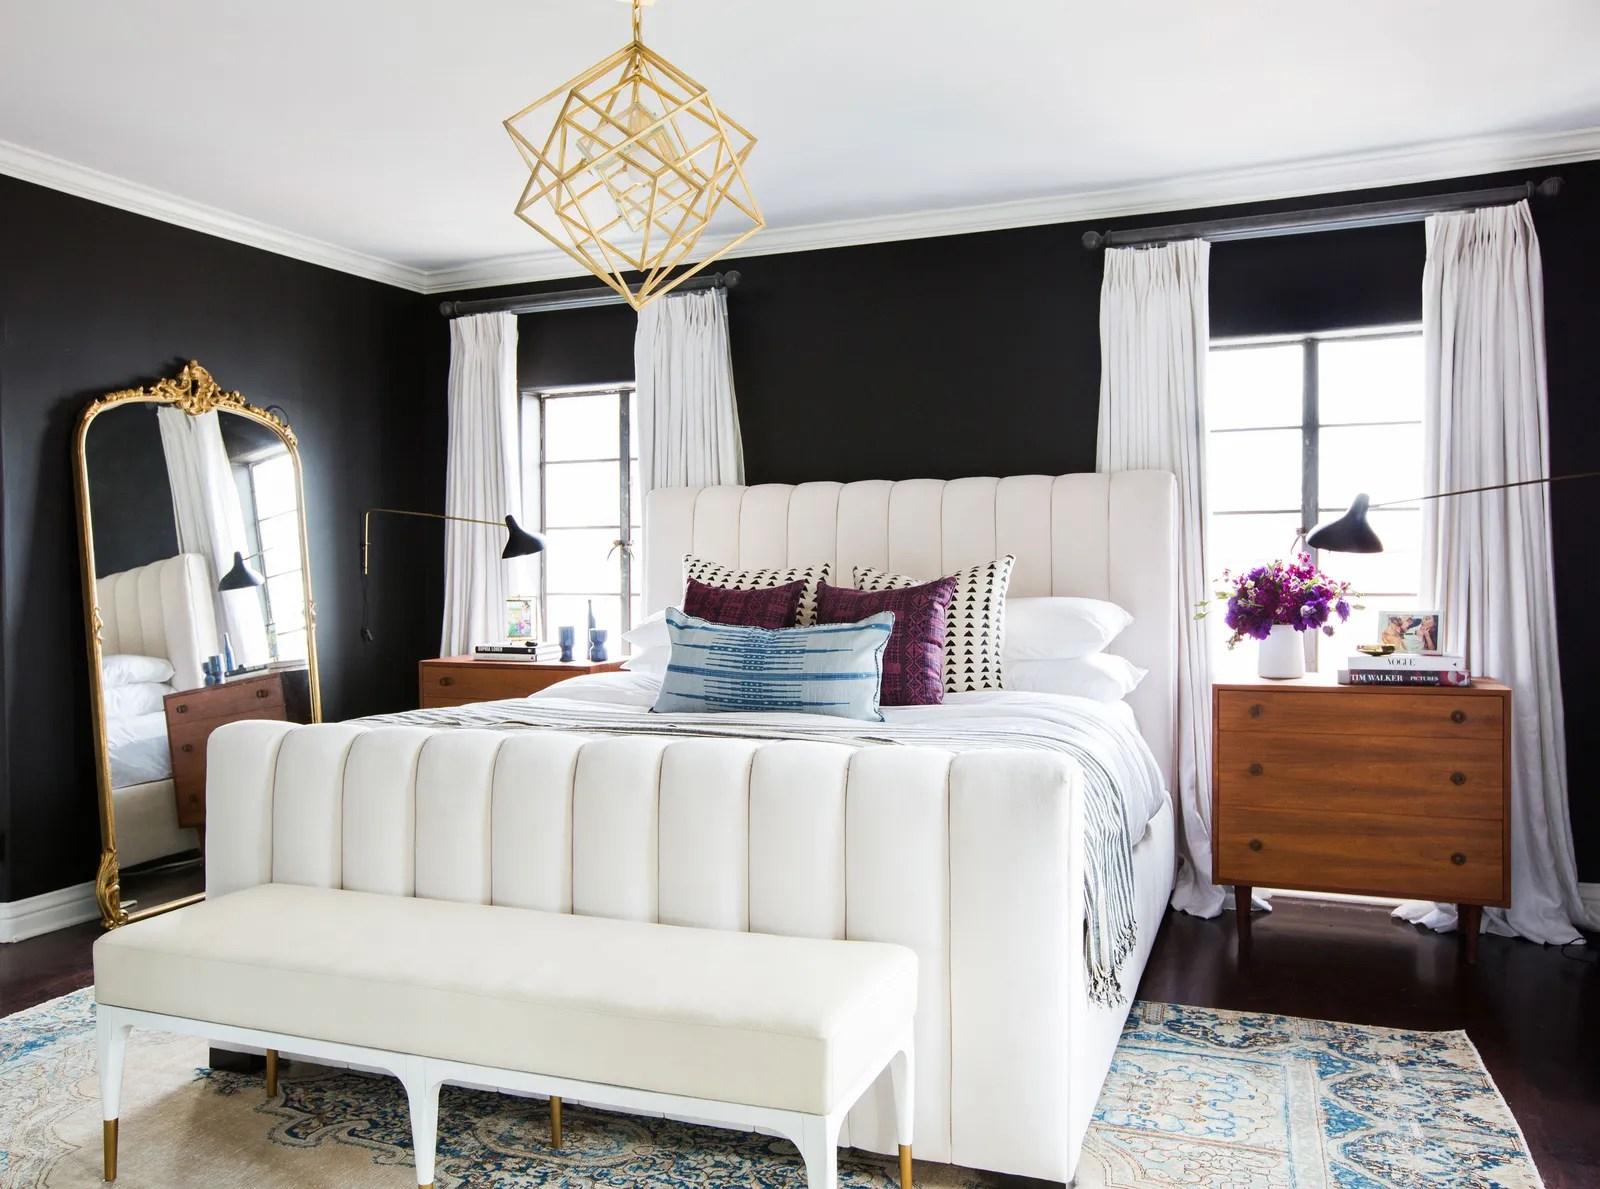 65 Cozy Rustic Bedroom Design Ideas: Cozy 65 Cozy Rustic Bedroom Design Ideas Digsdigs